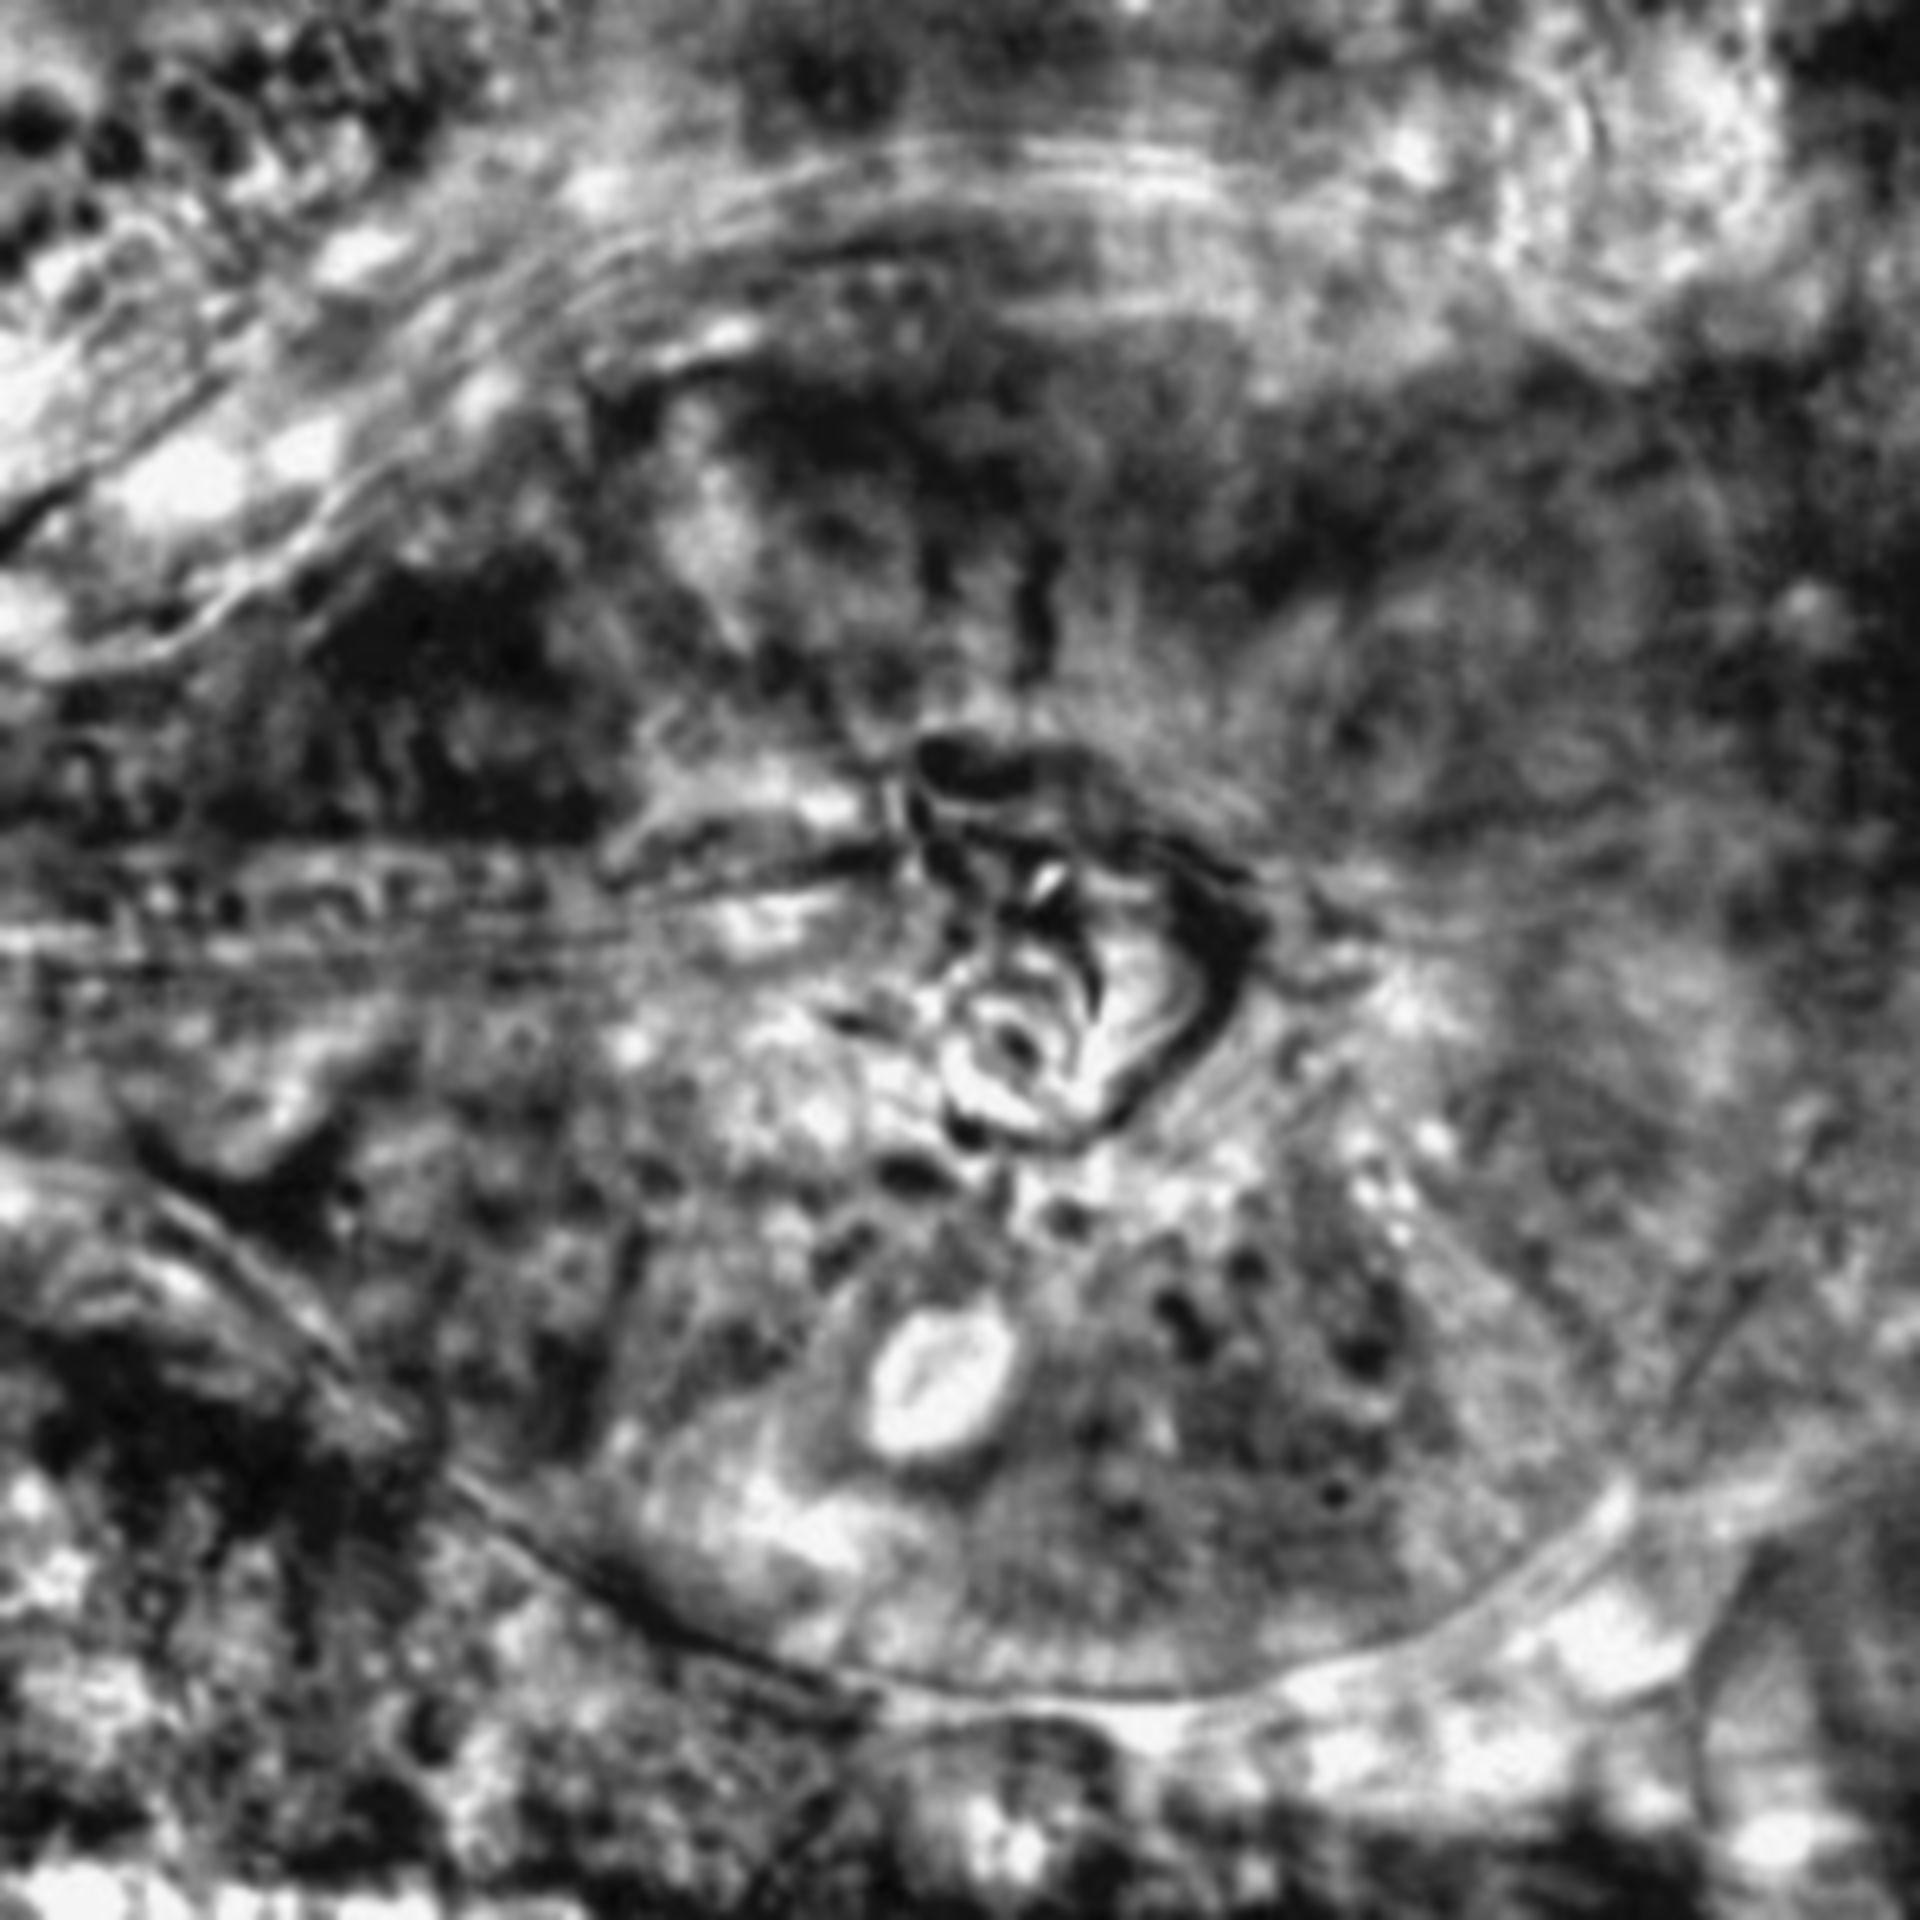 Caenorhabditis elegans - CIL:2547